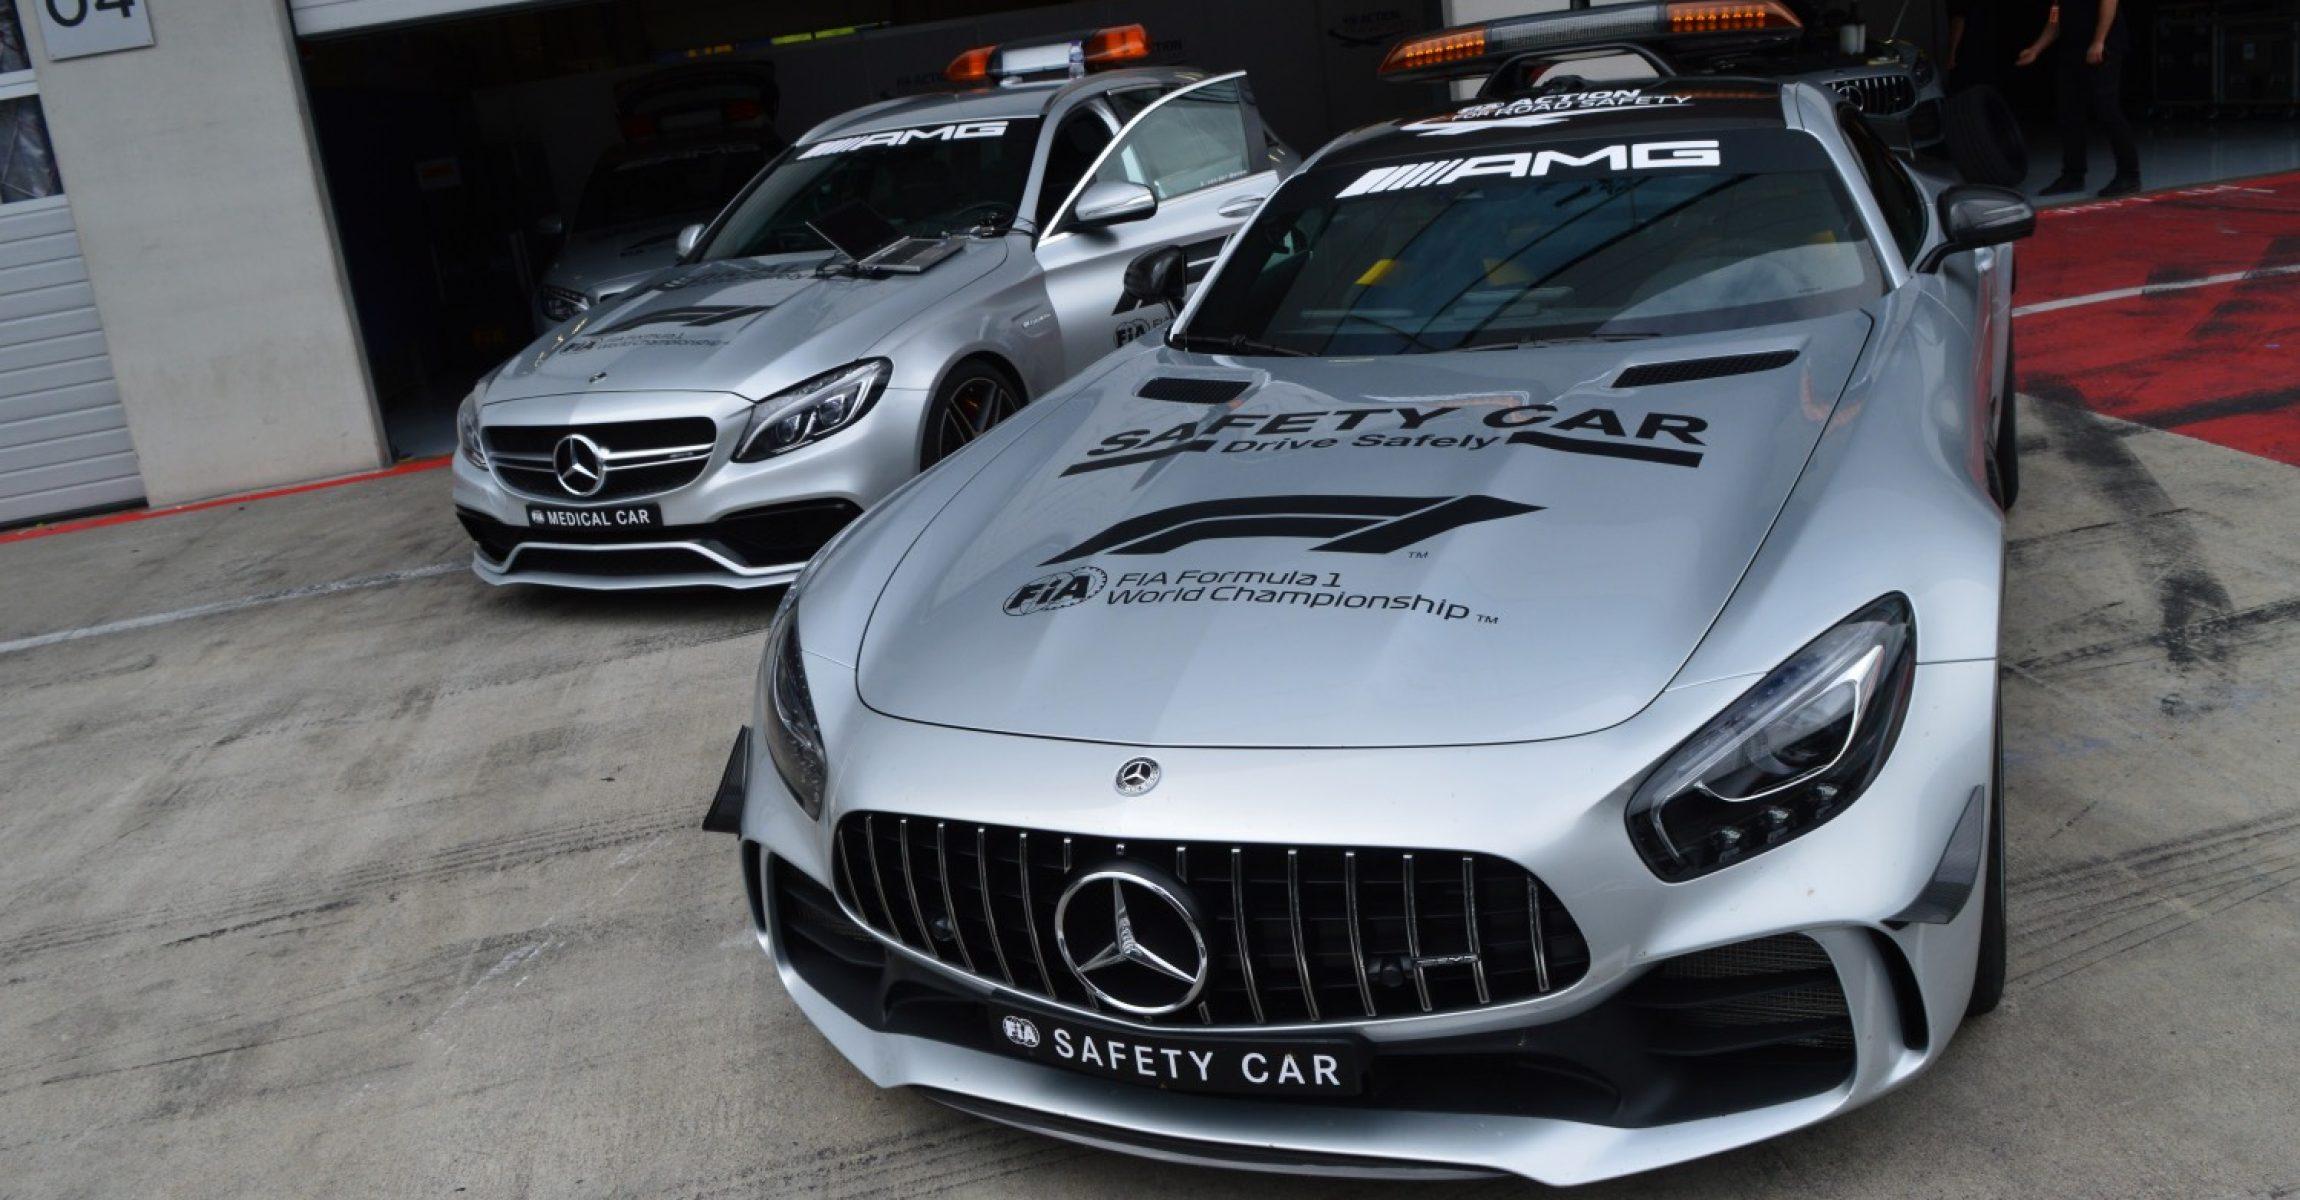 Austrian Grand Prix 2018, Spielberg, Safety Car & Medical Car